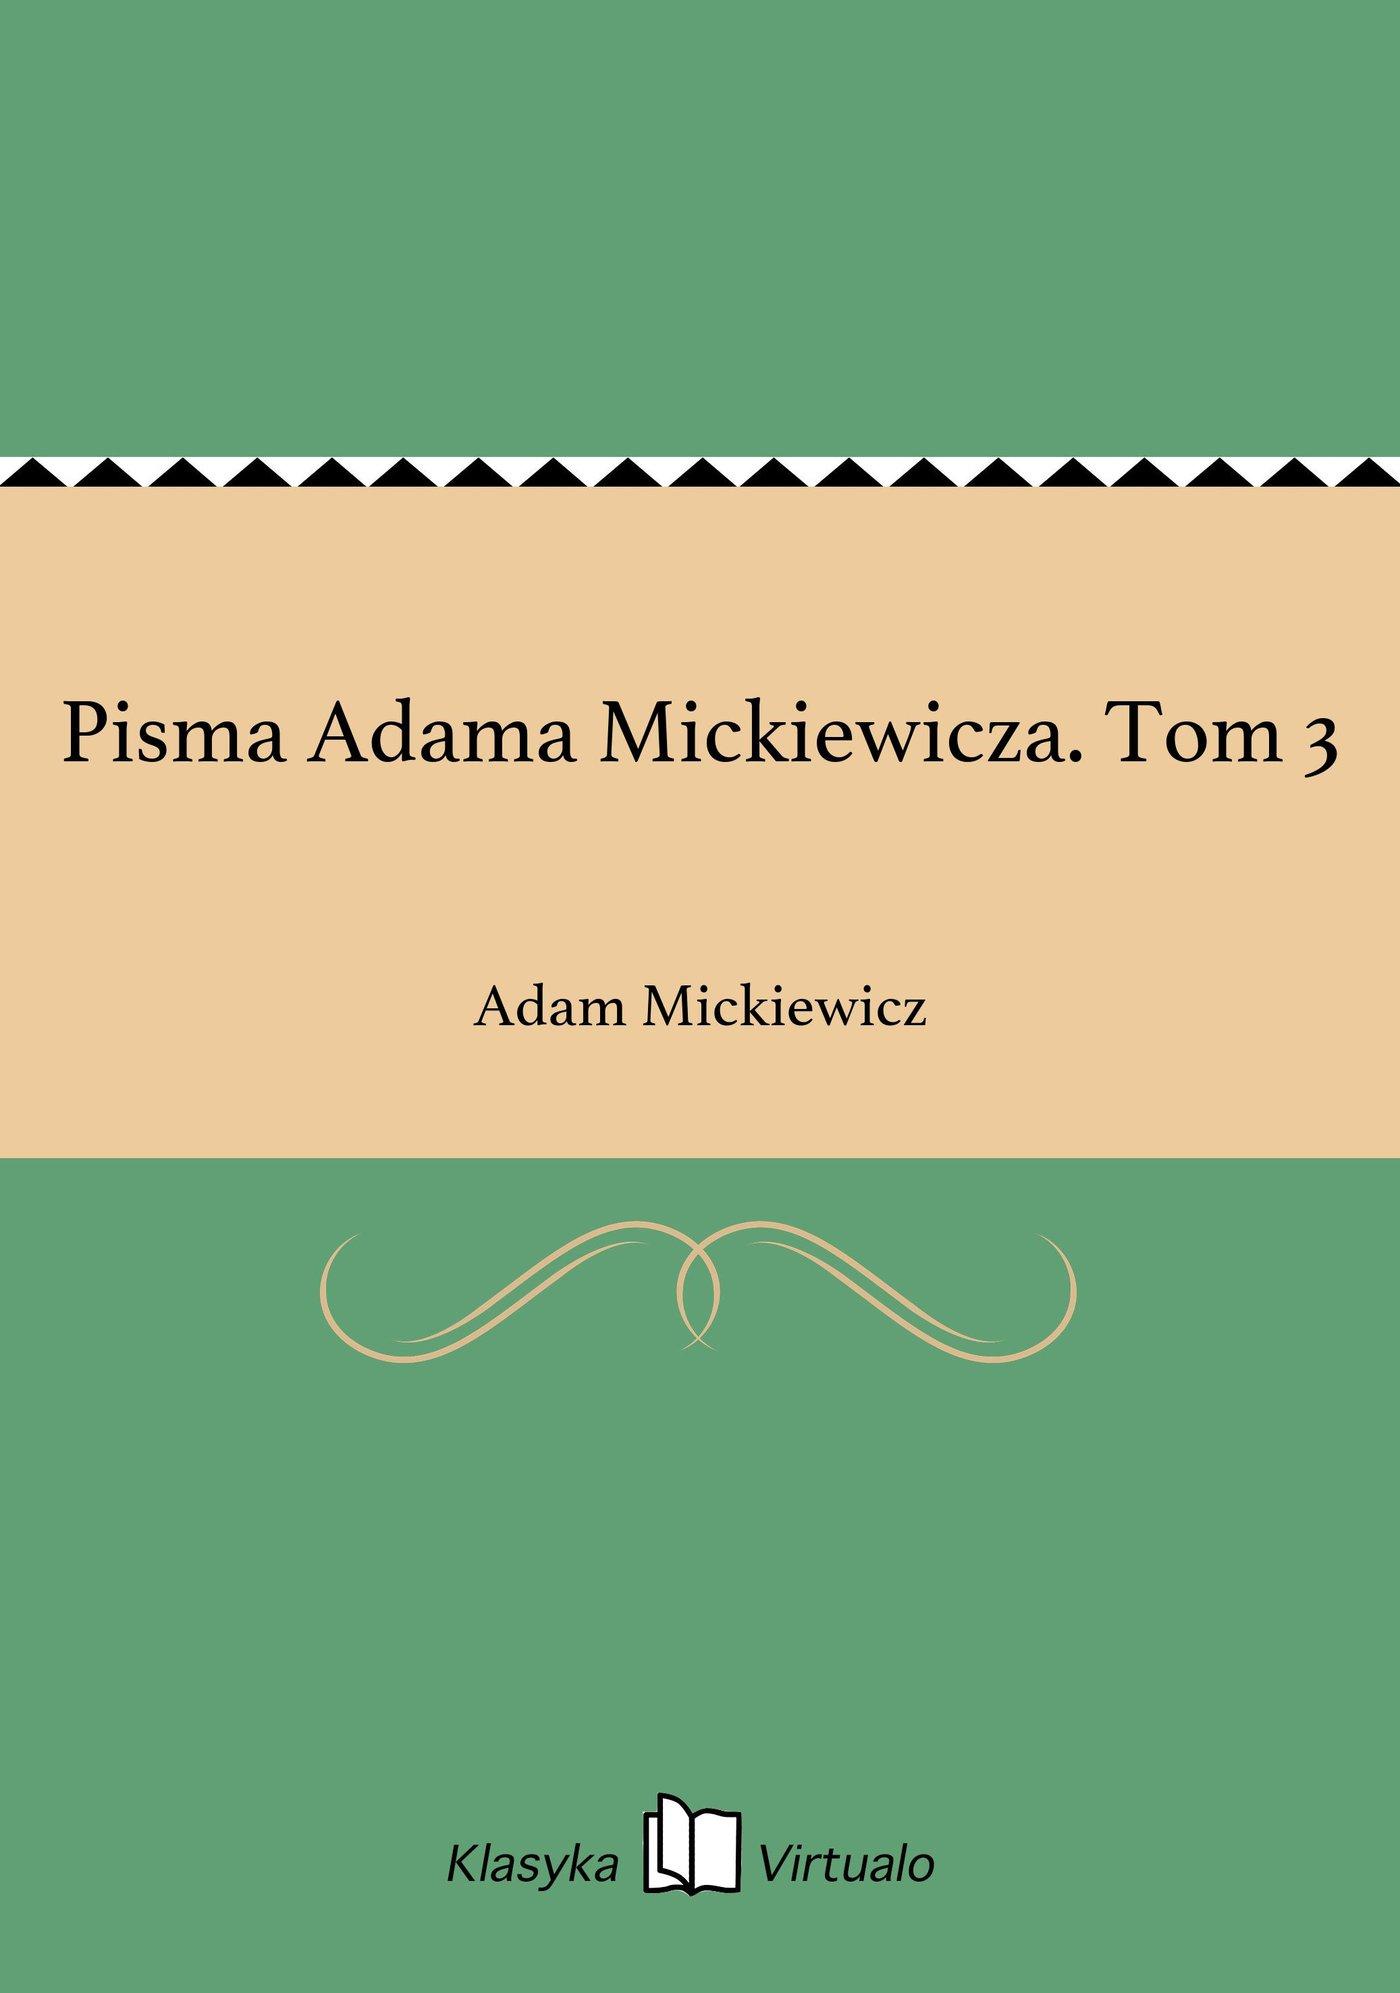 Pisma Adama Mickiewicza. Tom 3 - Ebook (Książka EPUB) do pobrania w formacie EPUB